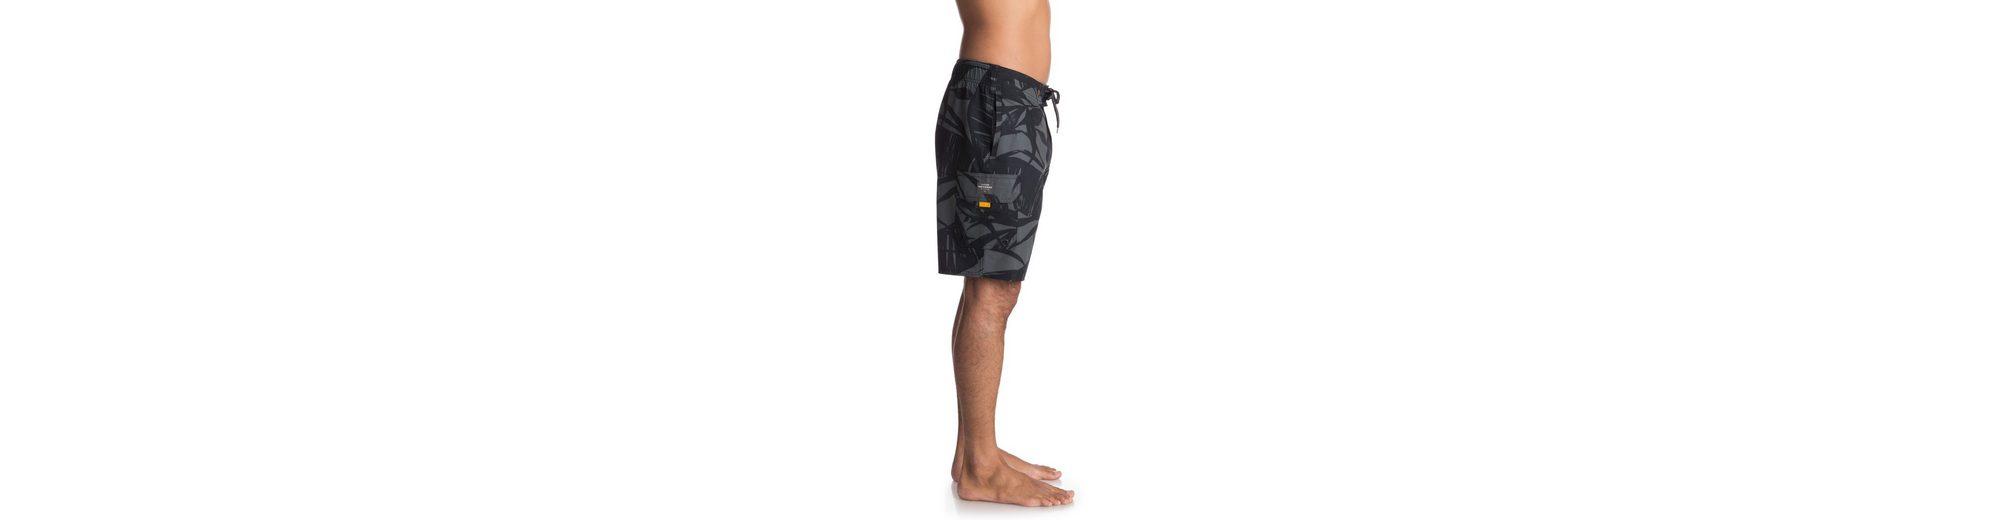 Günstig Kaufen Original Quiksilver Boardshorts Wake Palm 20 Billig Verkauf Sehr Billig Verkauf Wie Viel Beste Günstig Online LG17Qj8G49